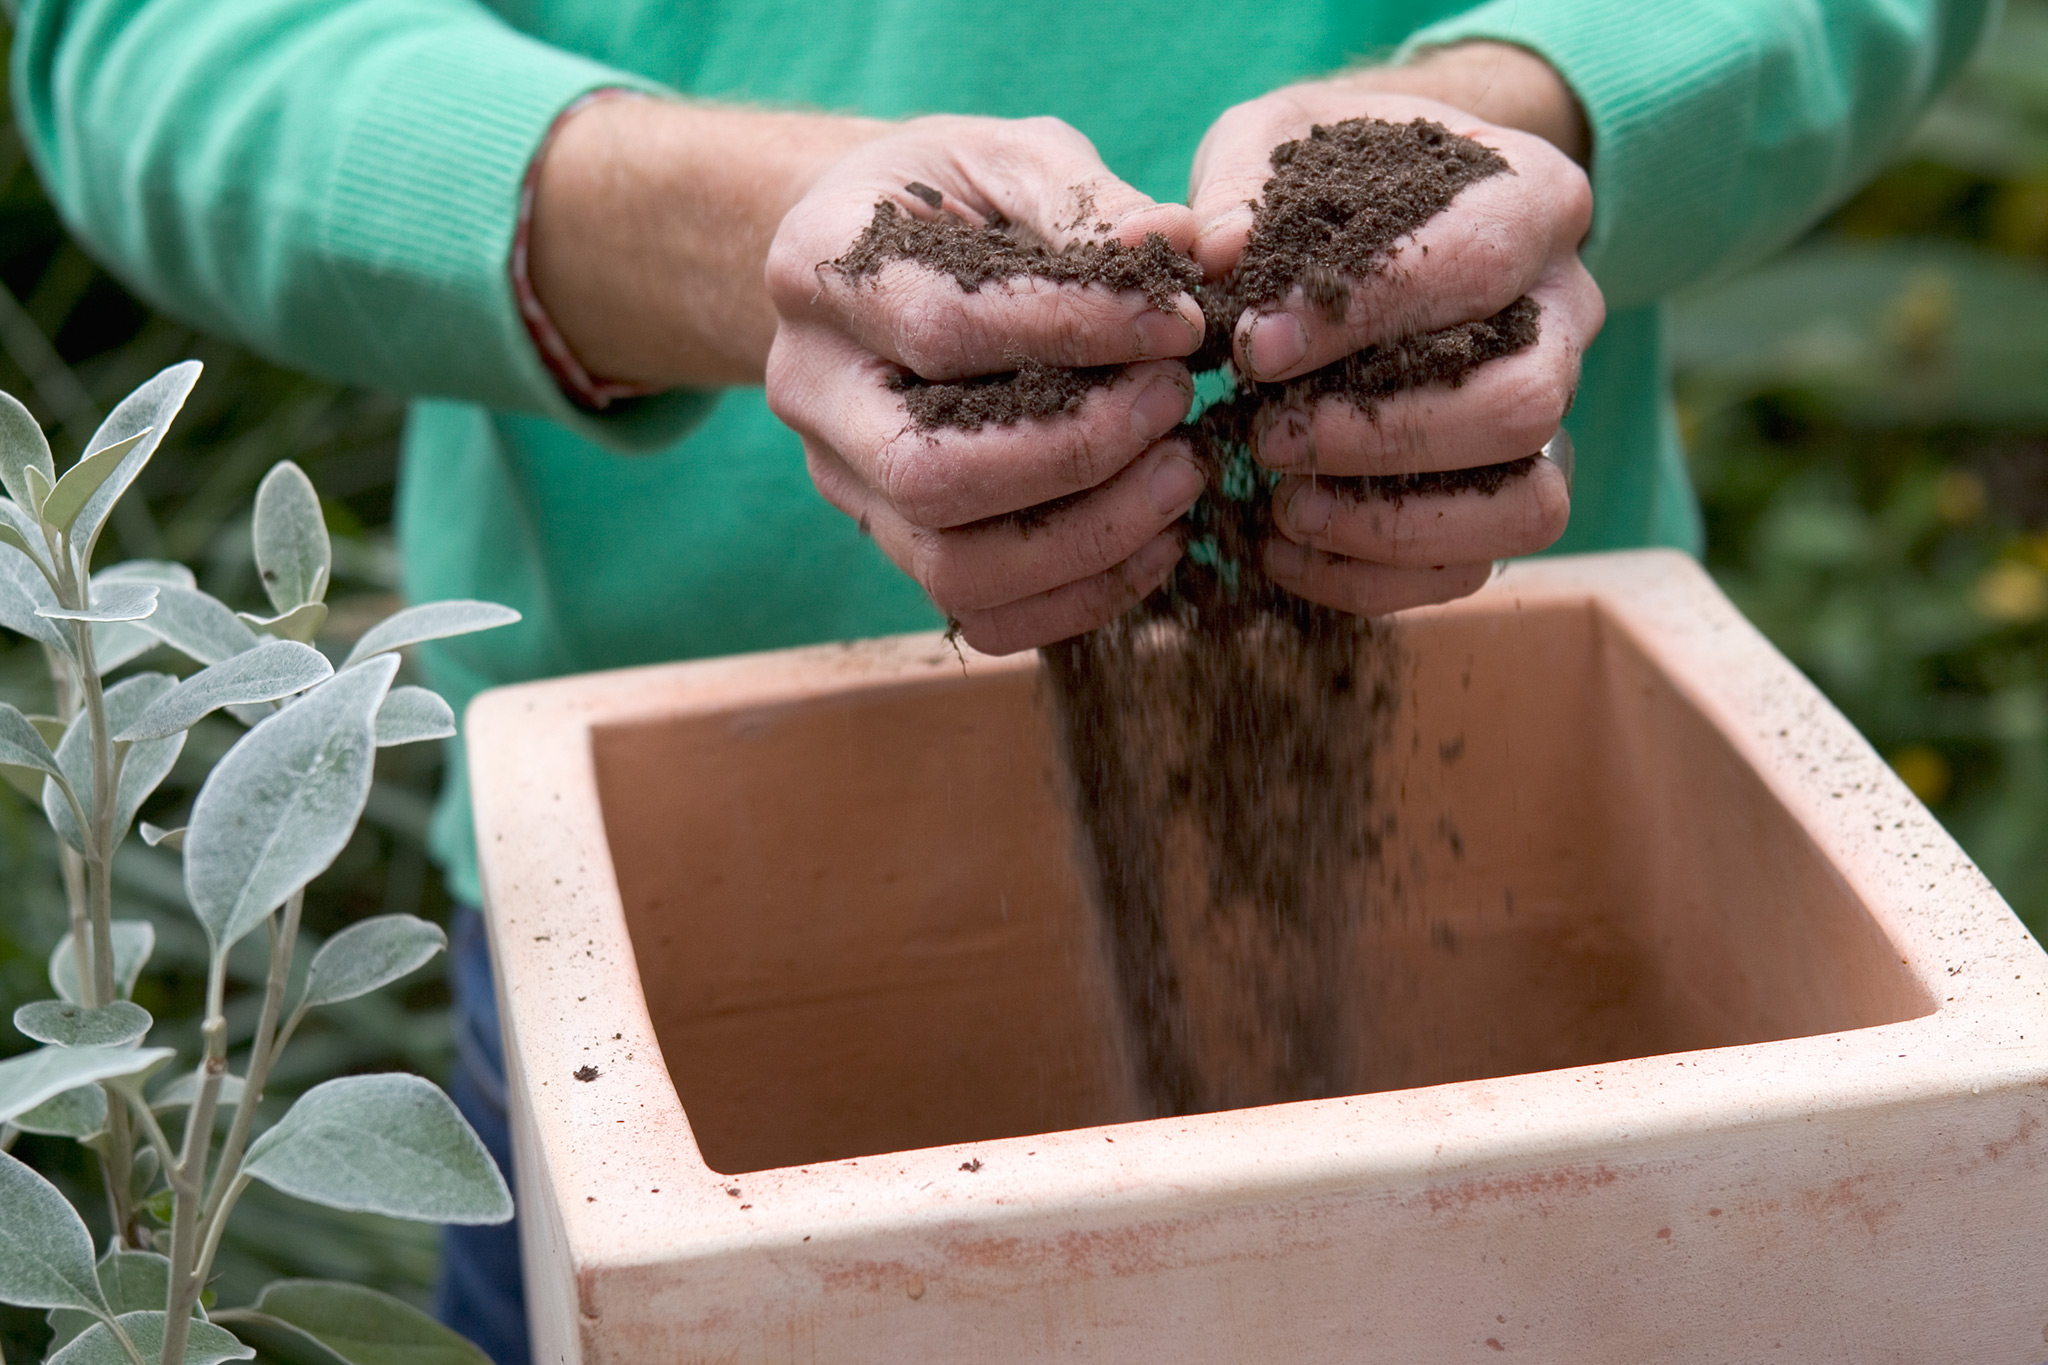 adding-multi-purpose-compost-to-the-pot-2